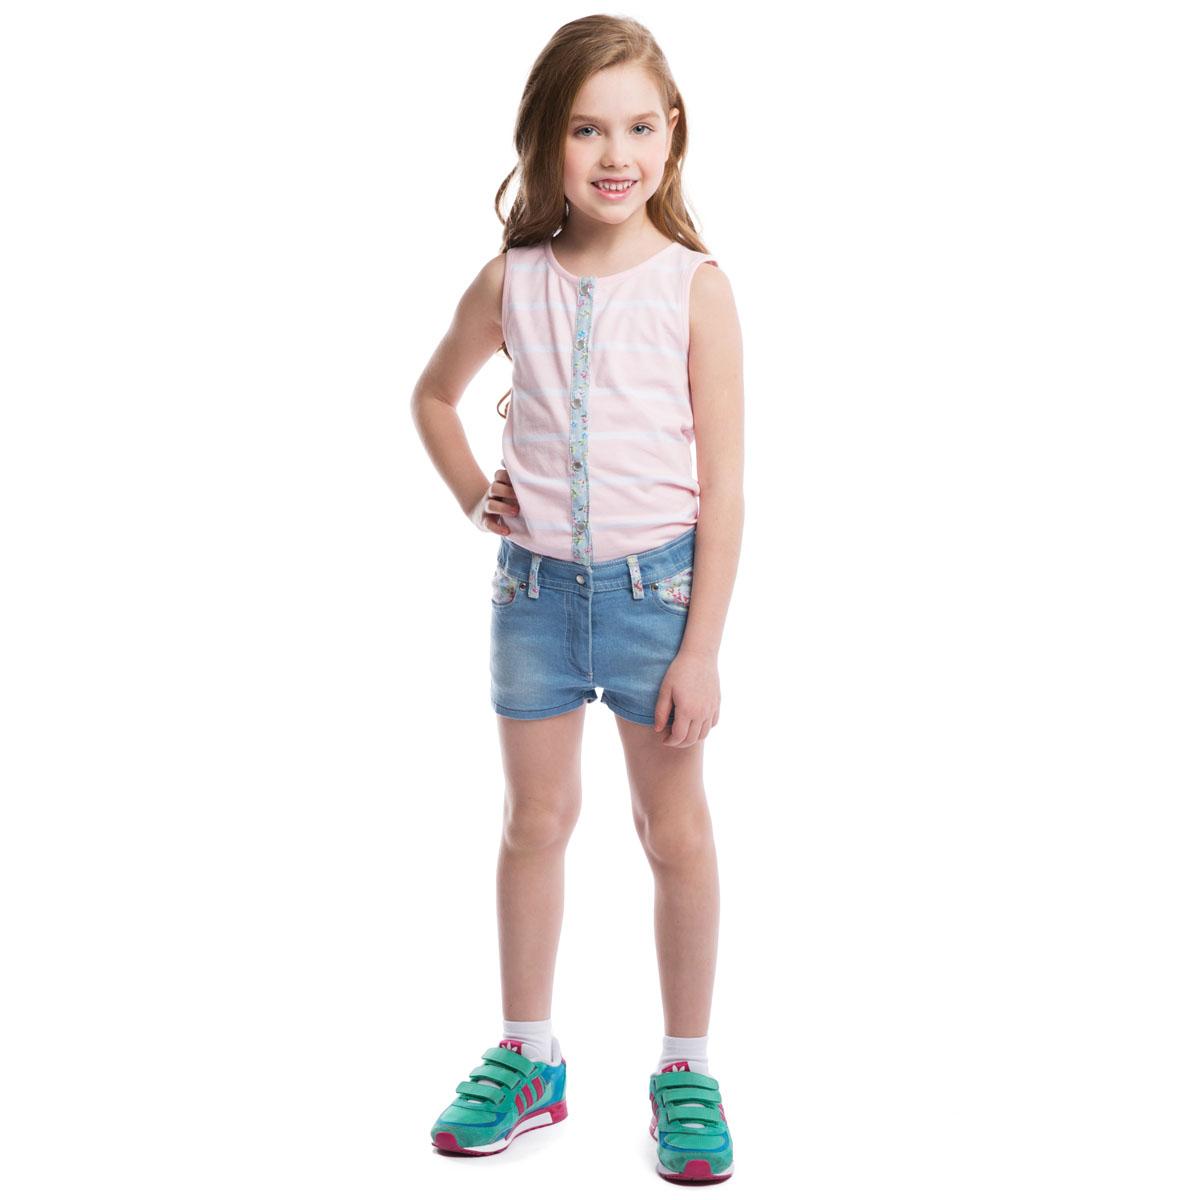 Полукомбинезон для девочки PlayToday, цвет: голубой, розовый, белый. 262002. Размер 128, 8 лет262002Стильный полукомбинезон для девочки PlayToday, выполненный в виде майки с джинсовыми шортиками идеально подойдет вашей малышке и станет отличным дополнением к детскому гардеробу. Изготовленный из эластичного хлопка, он необычайно мягкий и приятный на ощупь, не сковывает движения малышки и позволяет коже дышать, не раздражает нежную кожу ребенка, обеспечивая ему наибольший комфорт. Летний полукомбинезон с высокой грудкой без рукавов и с круглым вырезом горловины застегивается на кнопки, шортики имеют ширинку-молнию, благодаря чему он надежно и удобно сидит, что делает его идеальным для активных игр дома и на свежем воздухе. Имеются шлевки для ремня. Спереди он дополнен двумя втачными кармашками, а сзади - двумя накладными карманами, украшенными фигурными прострочками. В таком полукомбинезоне ваша маленькая принцесса будет чувствовать себя комфортно, уютно и всегда будет в центре внимания!